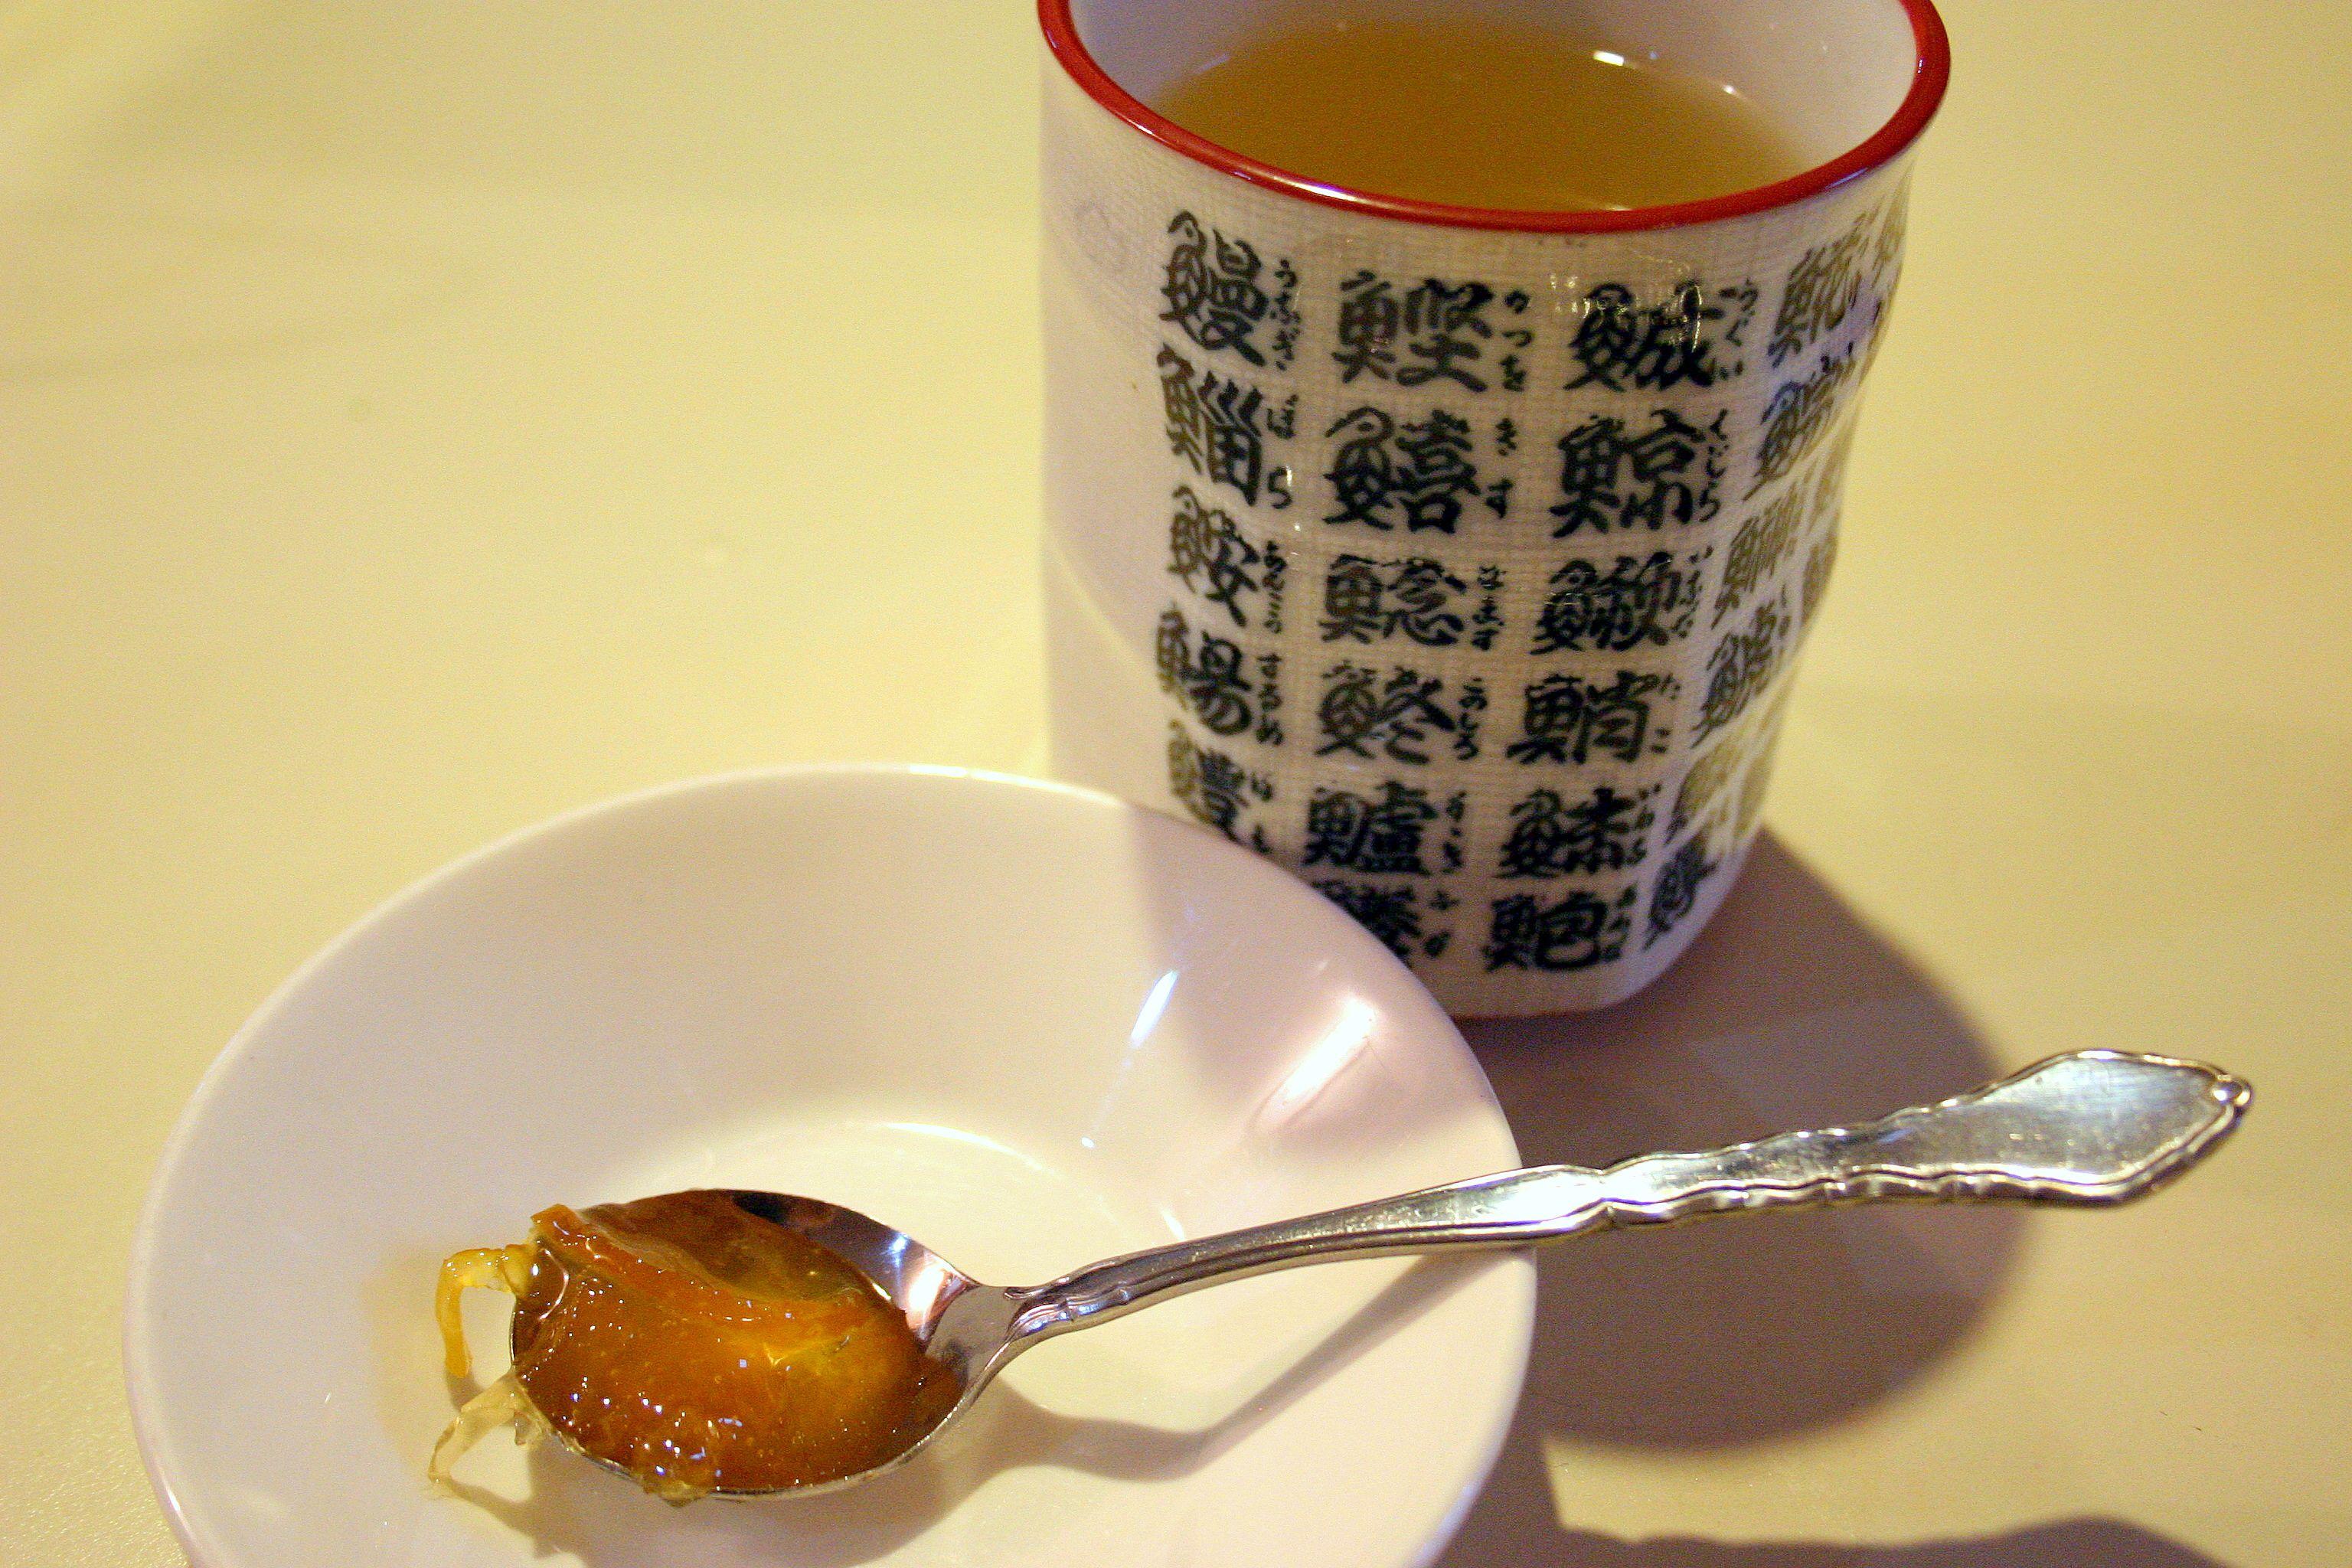 Korean Yuja Cha Yuzu Citron Tea